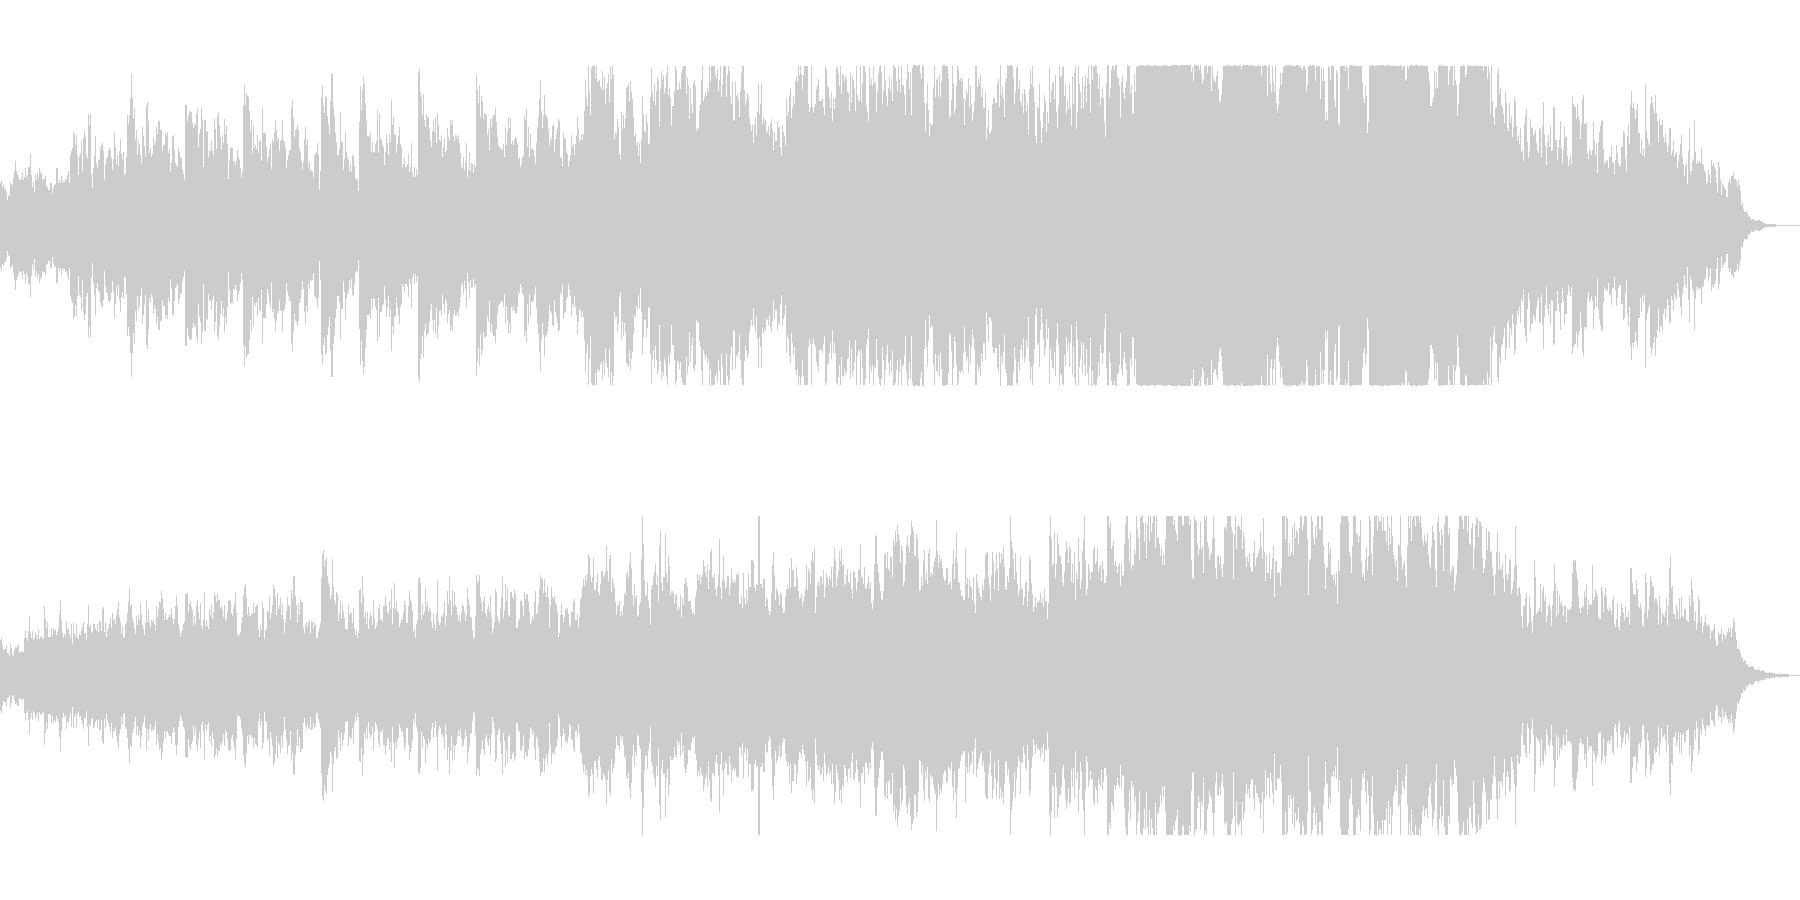 ハープの透明感のある音色が特徴のバラードの未再生の波形